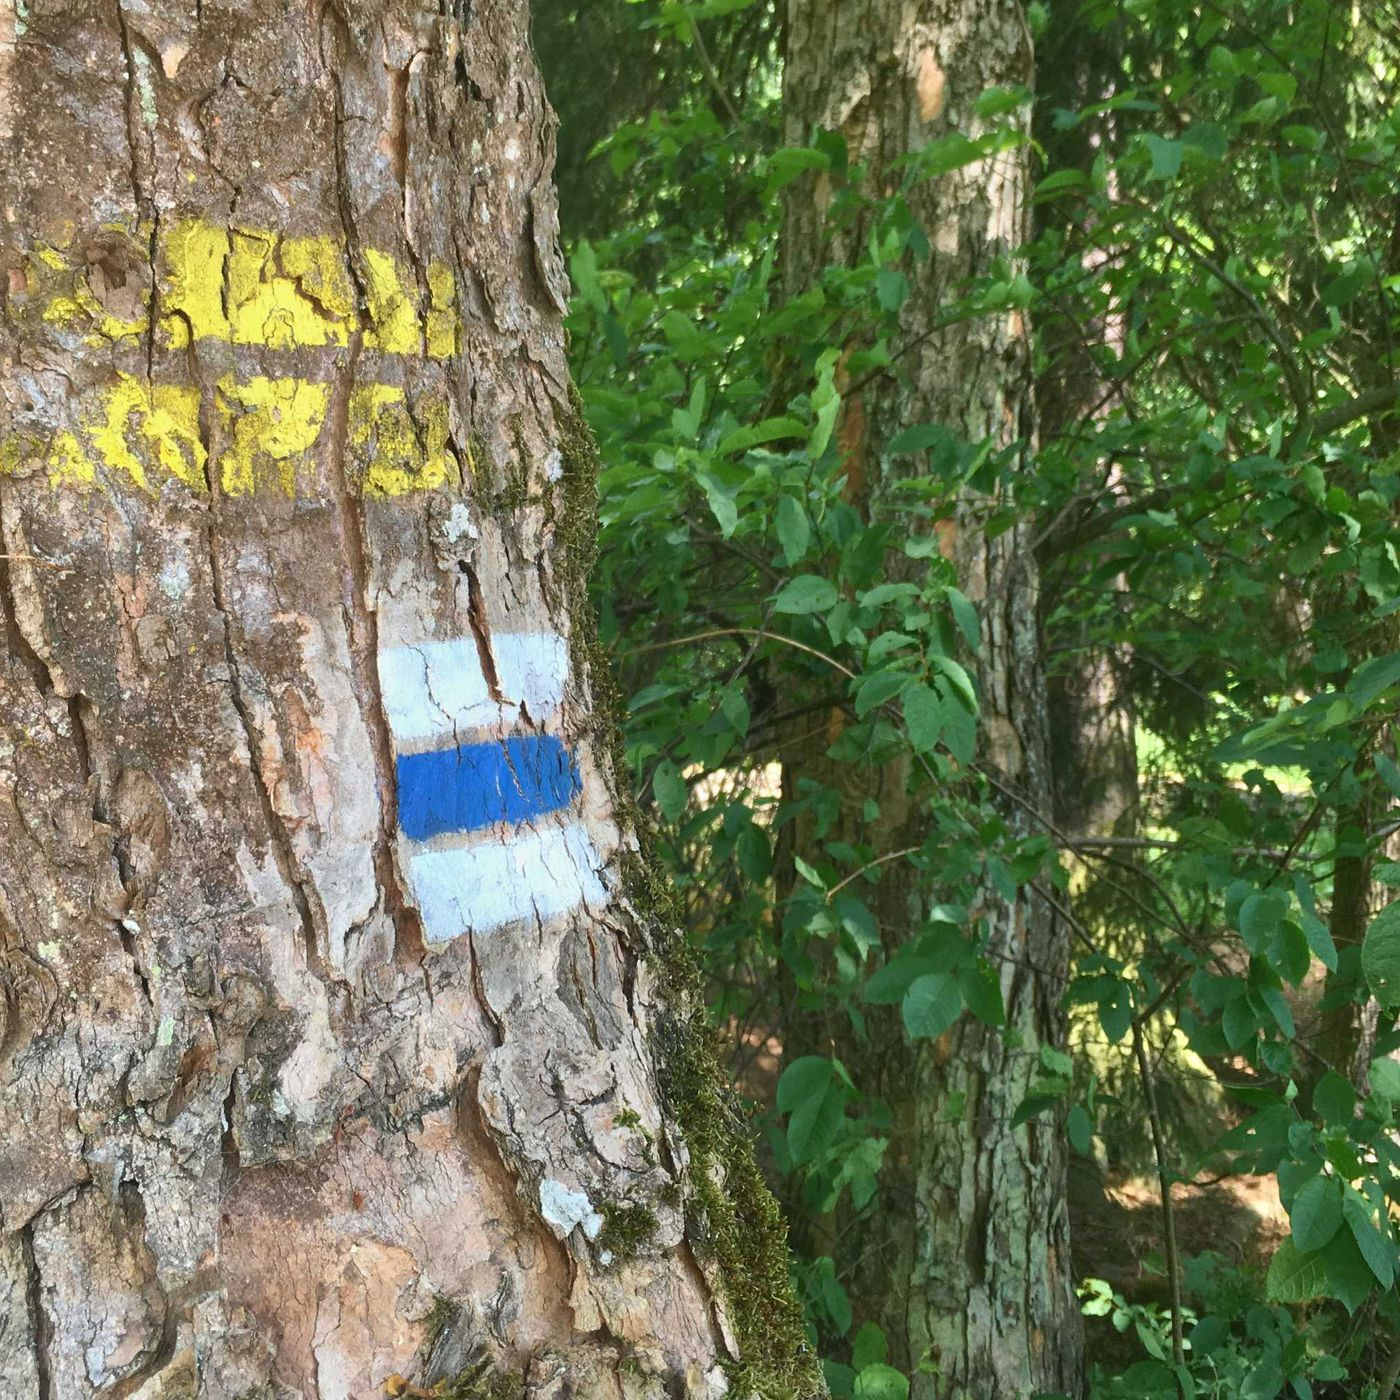 Na zámku ve Žďáře nad Sázavou se dozvíte, čím včely bzučí. Připravte si všechny své smysly